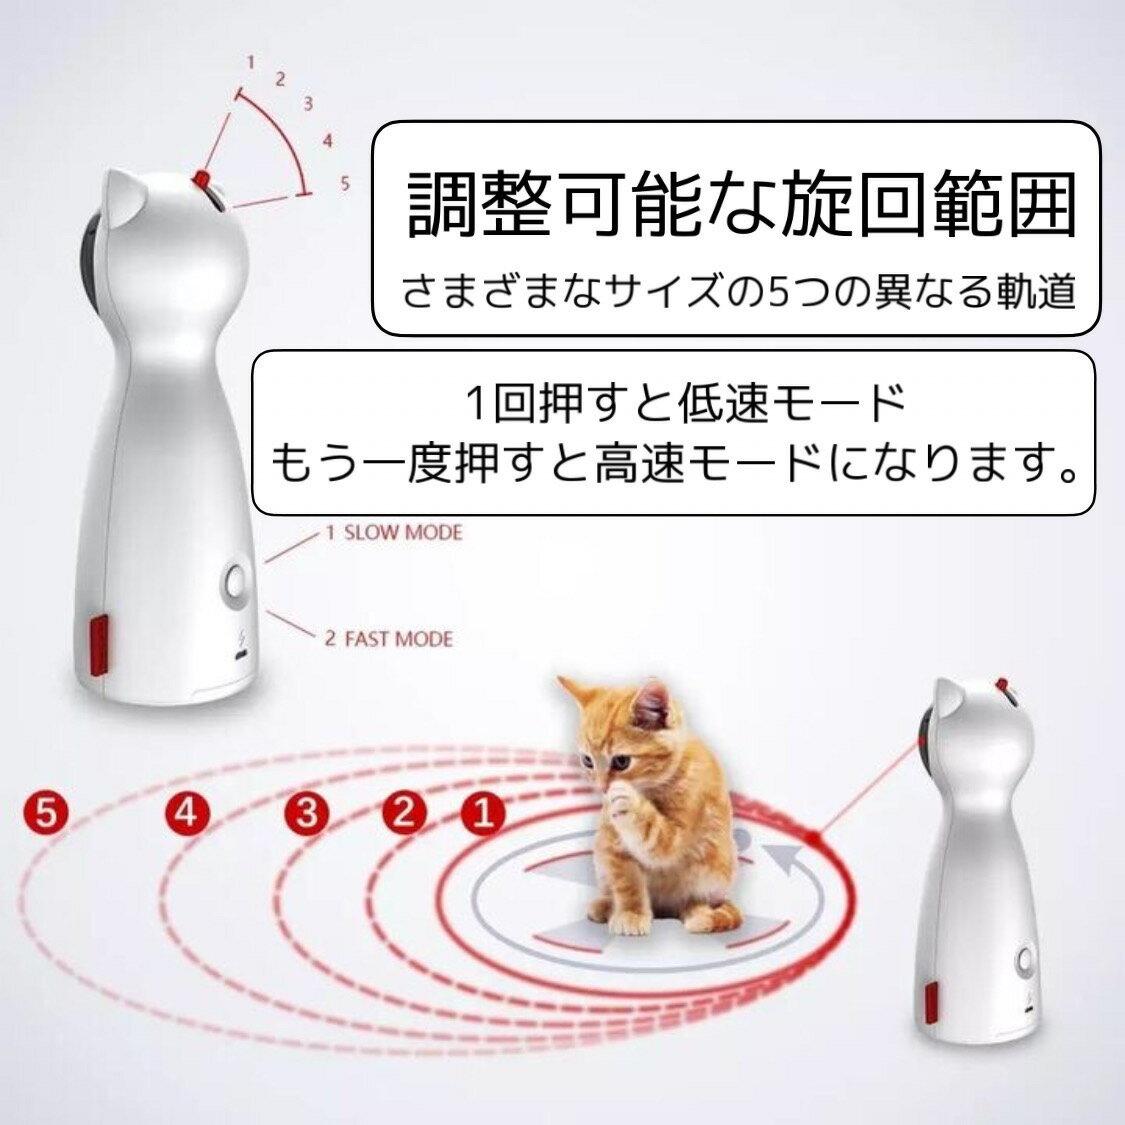 【4月限定1000円OFFクーポン付き・楽天スーパーP10倍】『大好評の最新おもちゃ・送料無料』自動猫じゃらし猫のおもちゃ猫おもちゃ猫用品ペット玩具自動レーザーおもちゃLEDUSB給電自動タイマー電池付きコンパクトサイズ